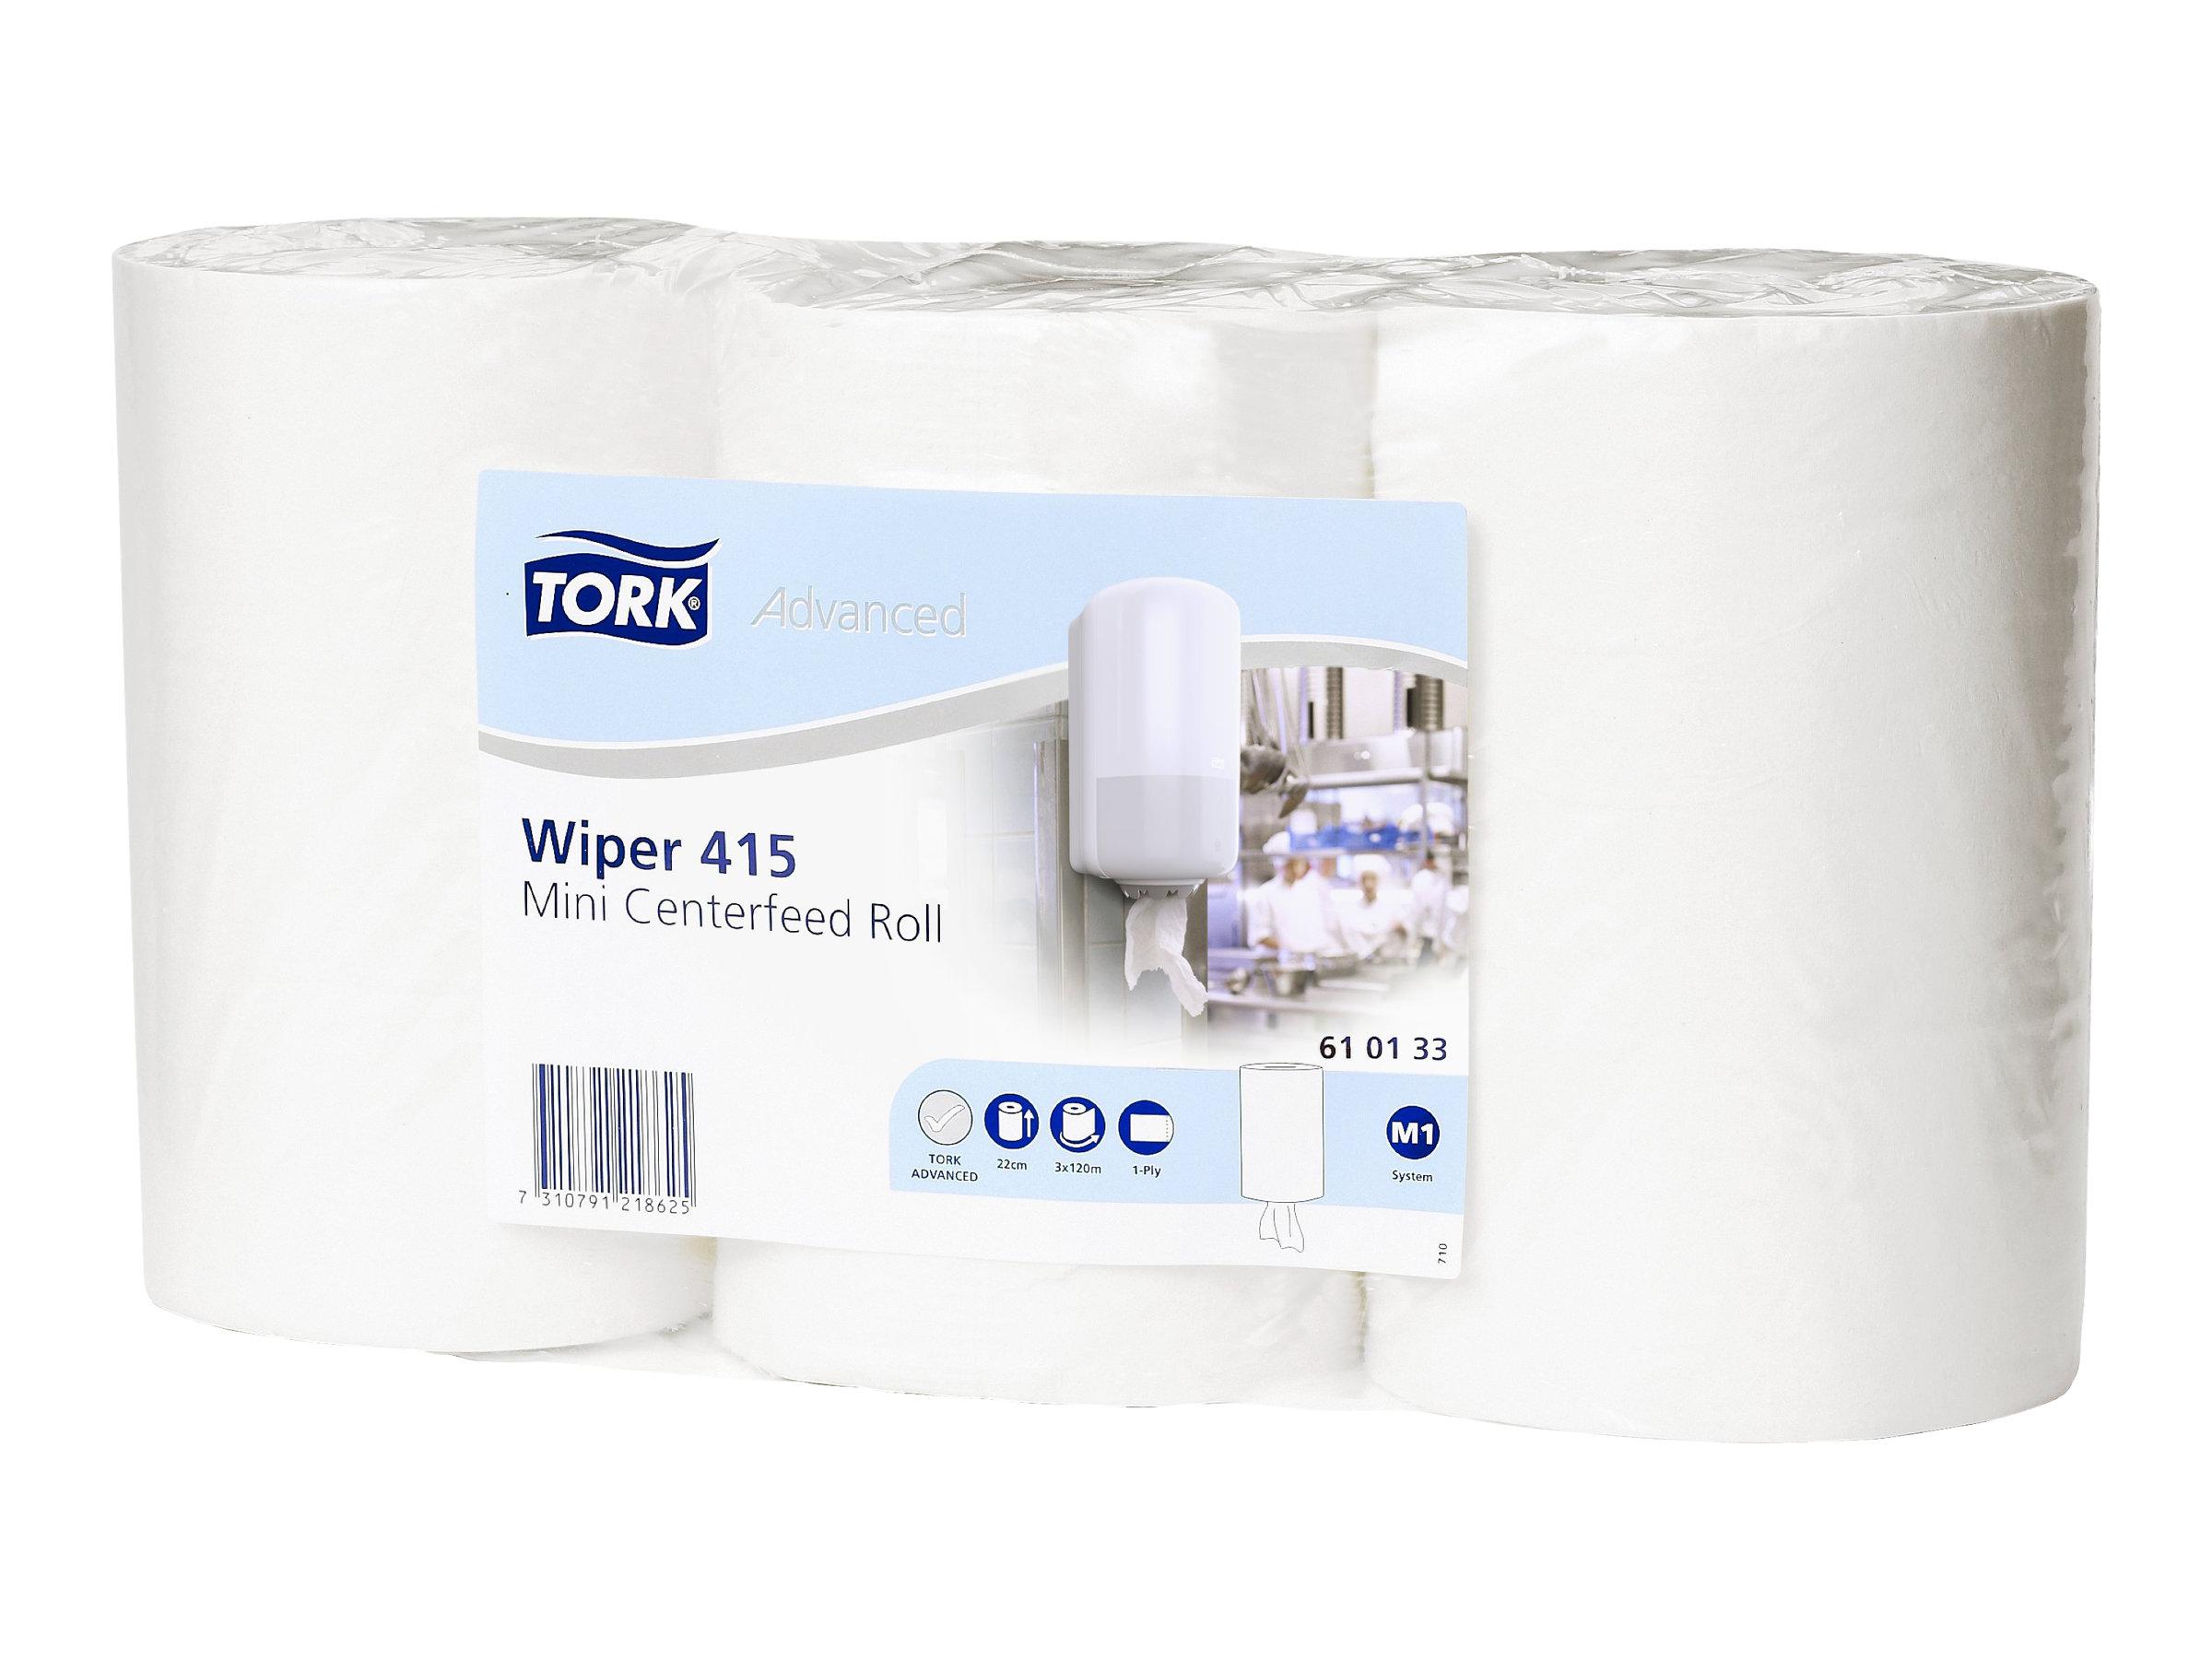 Tork Advanced Wiper 415 M - Rouleau d'essuie-tout - pack de 3